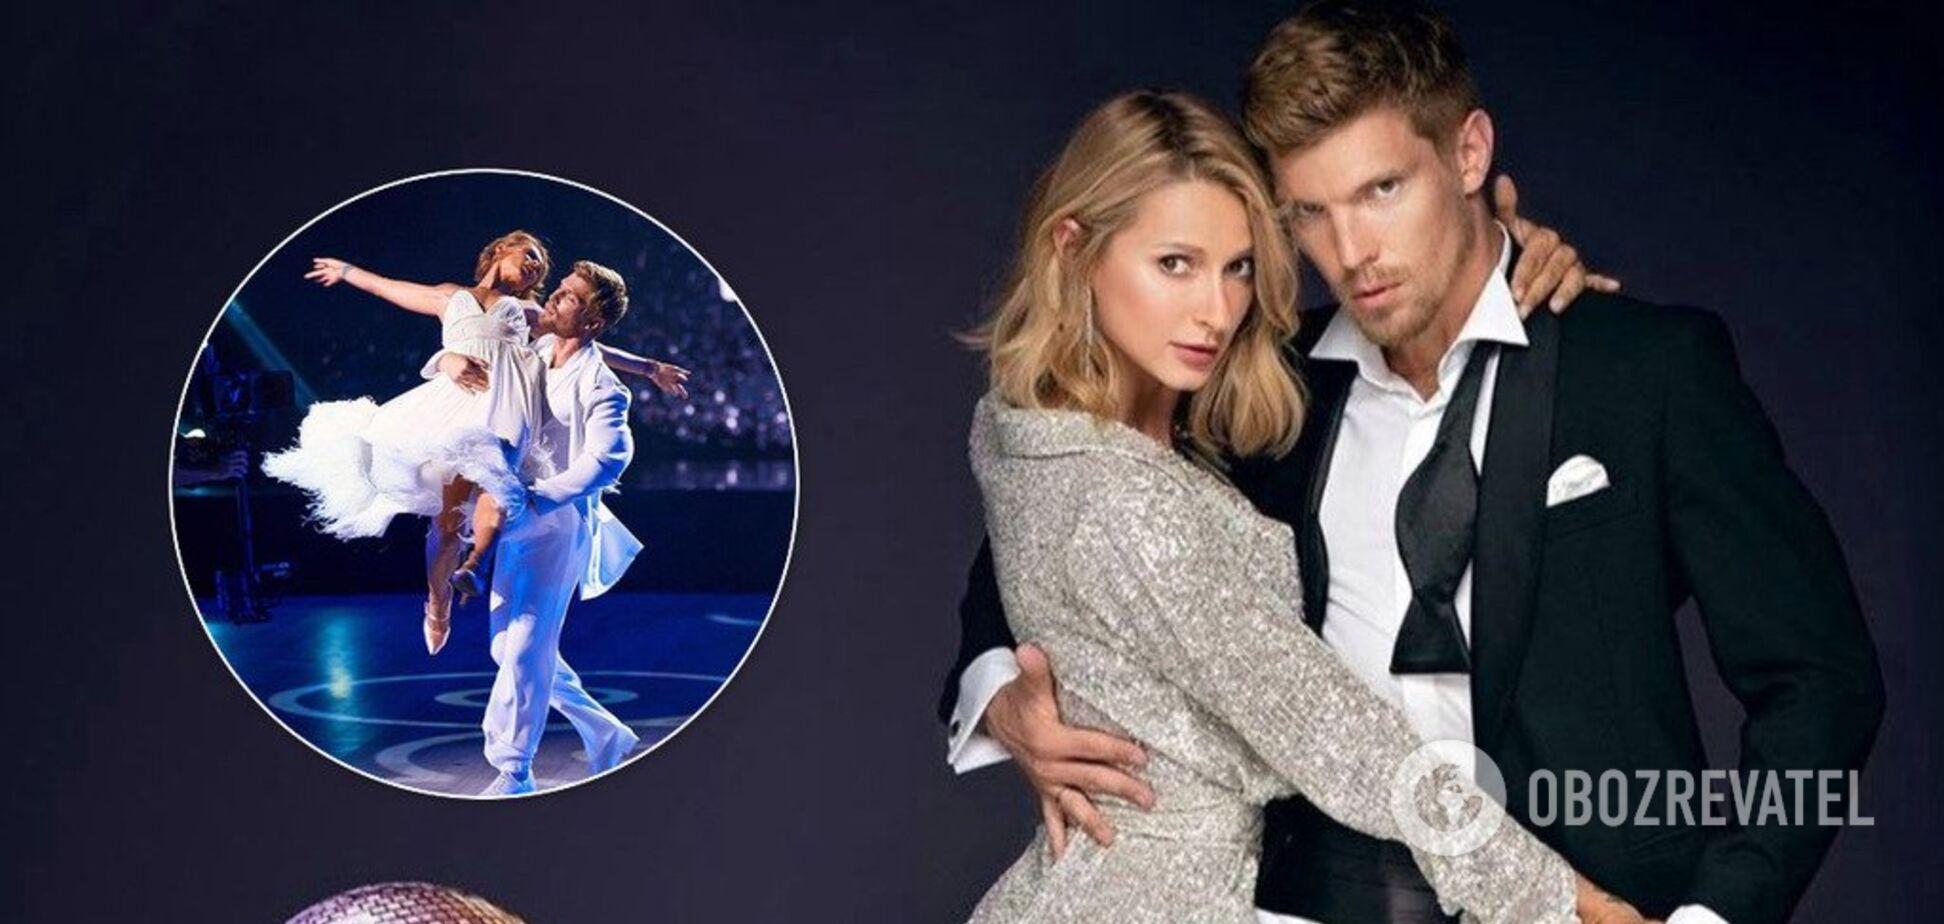 'Сценарій – не моя історія': учасниця 'Танці з зірками' потрапила в дивну історію